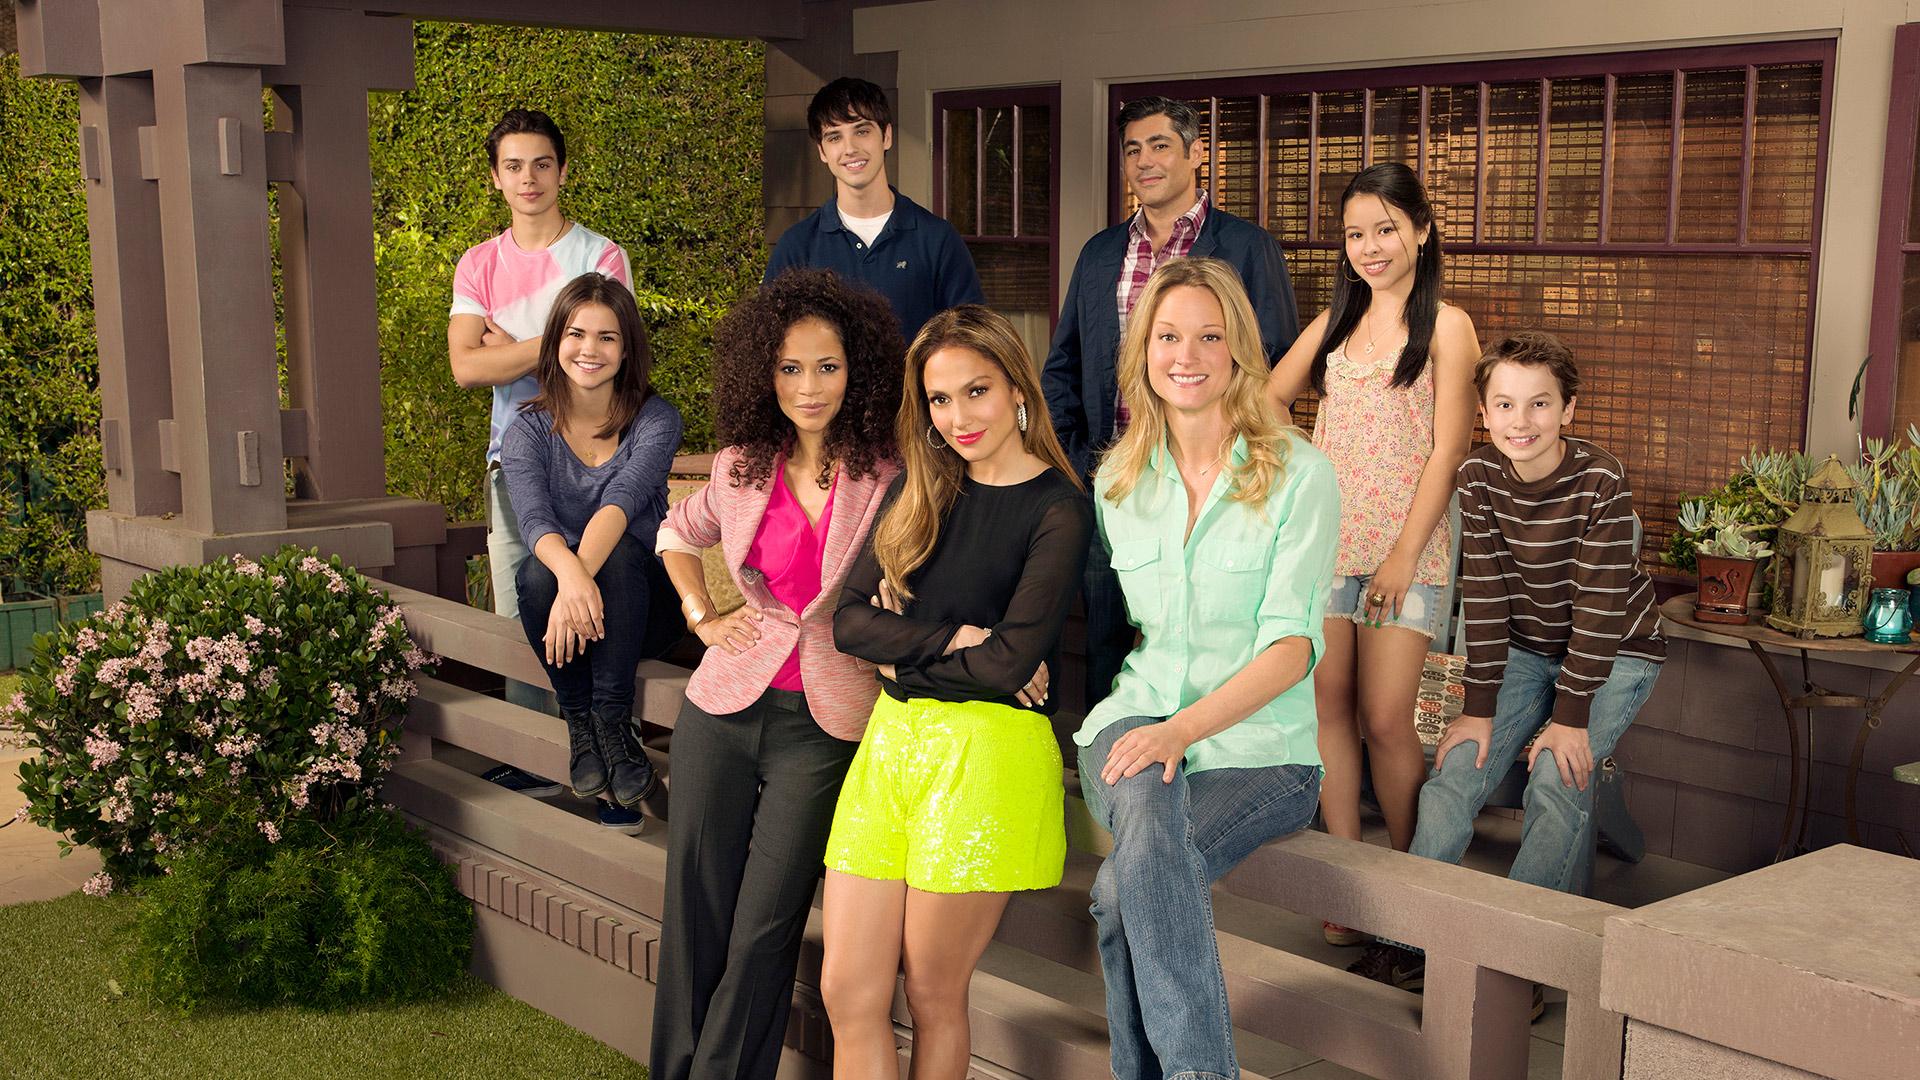 ABC Family vernieuwt The Fosters met tweede seizoen